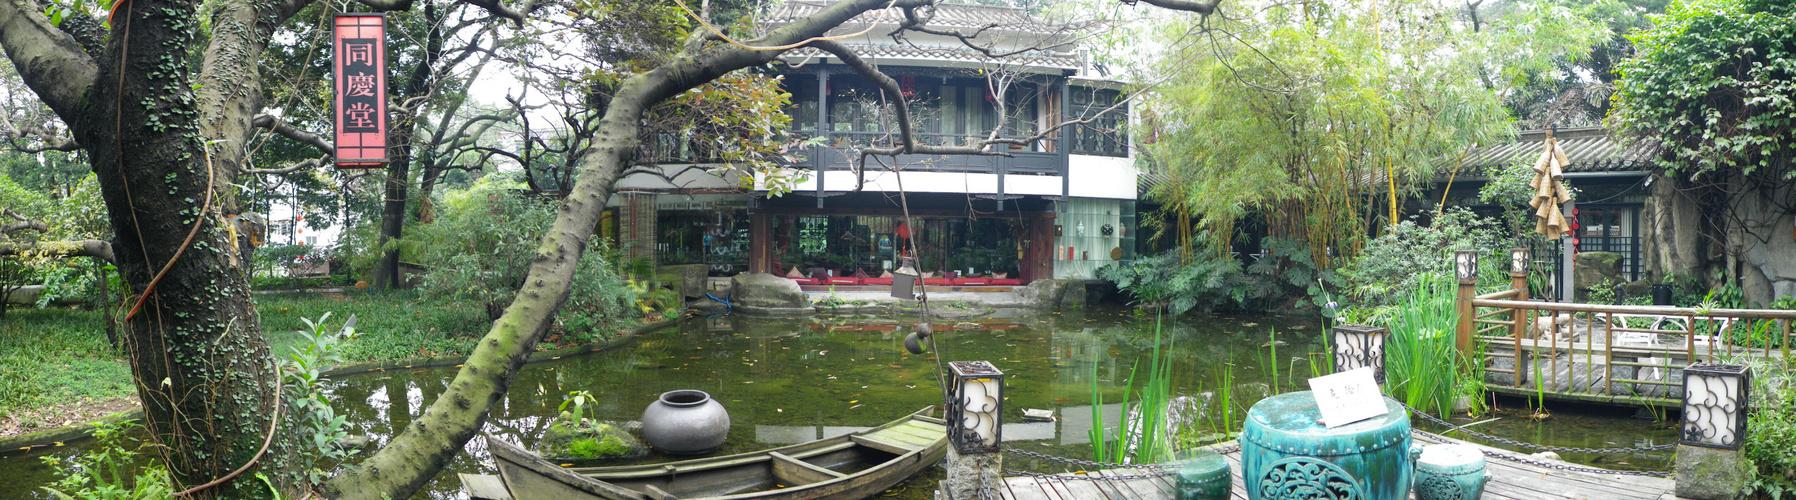 Maison de thé chinoise